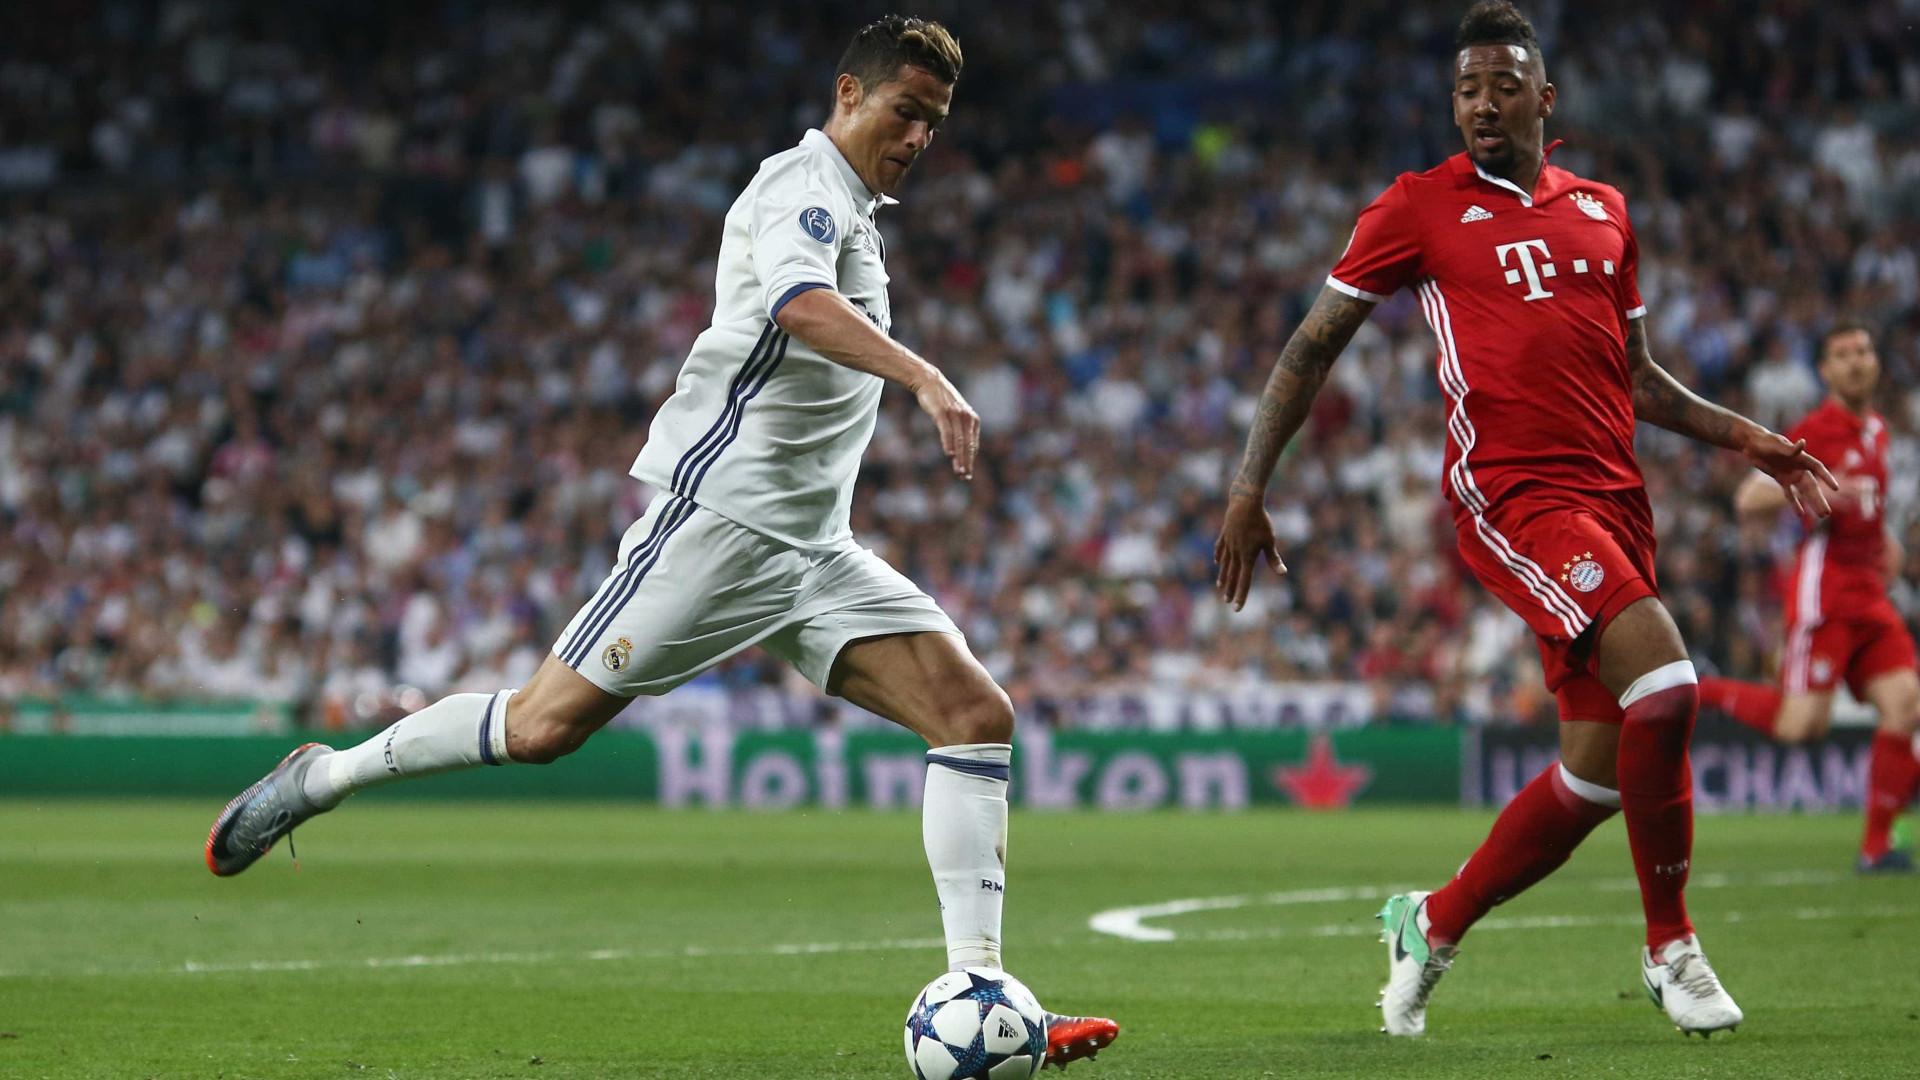 Ronaldo no onze da 2.ª mão dos 'quartos' da Liga dos Campeões